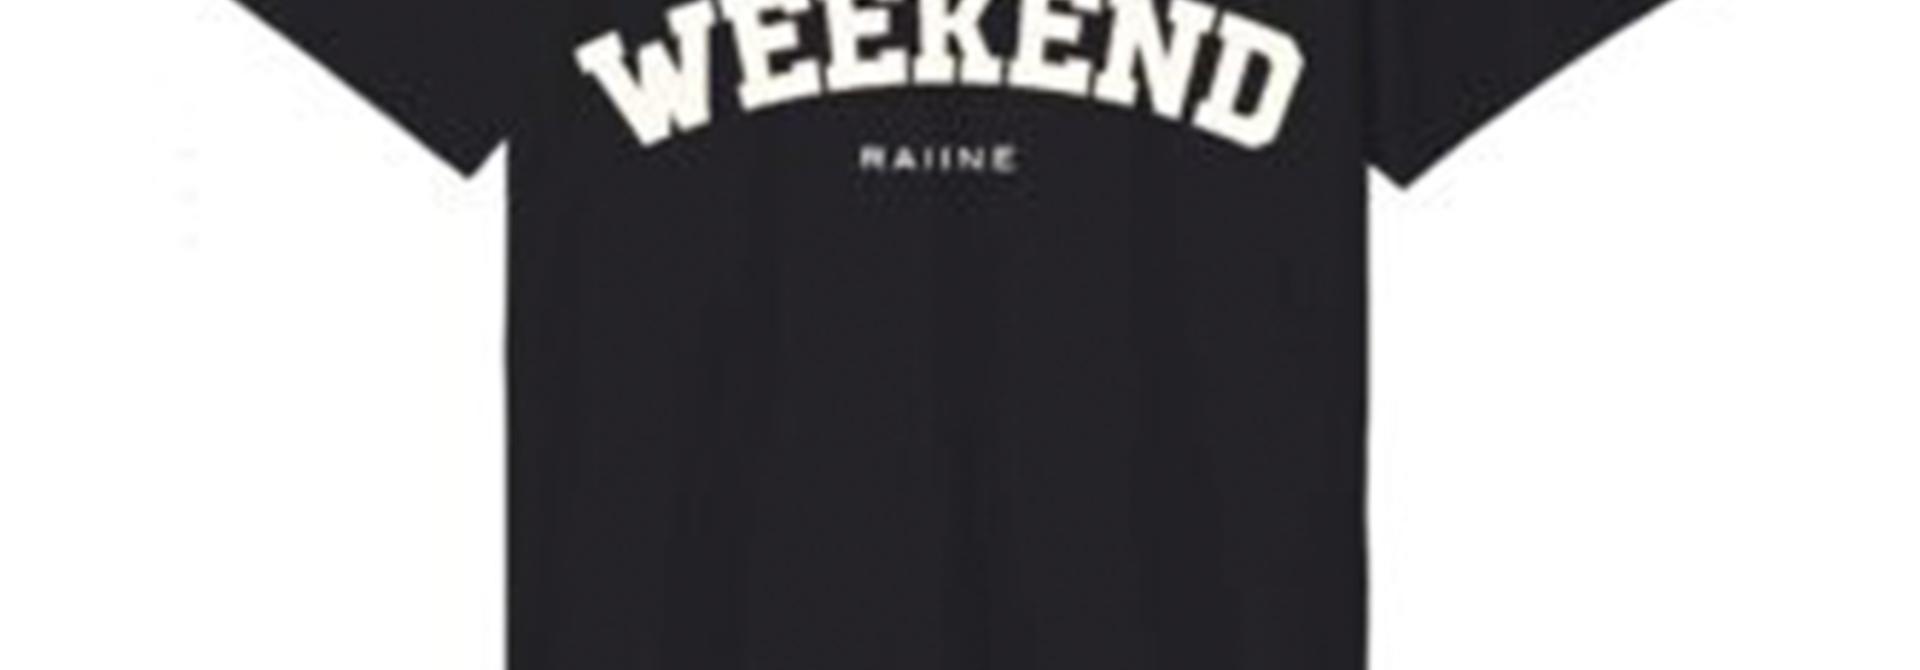 RAIINE WEBB T-SHIRT